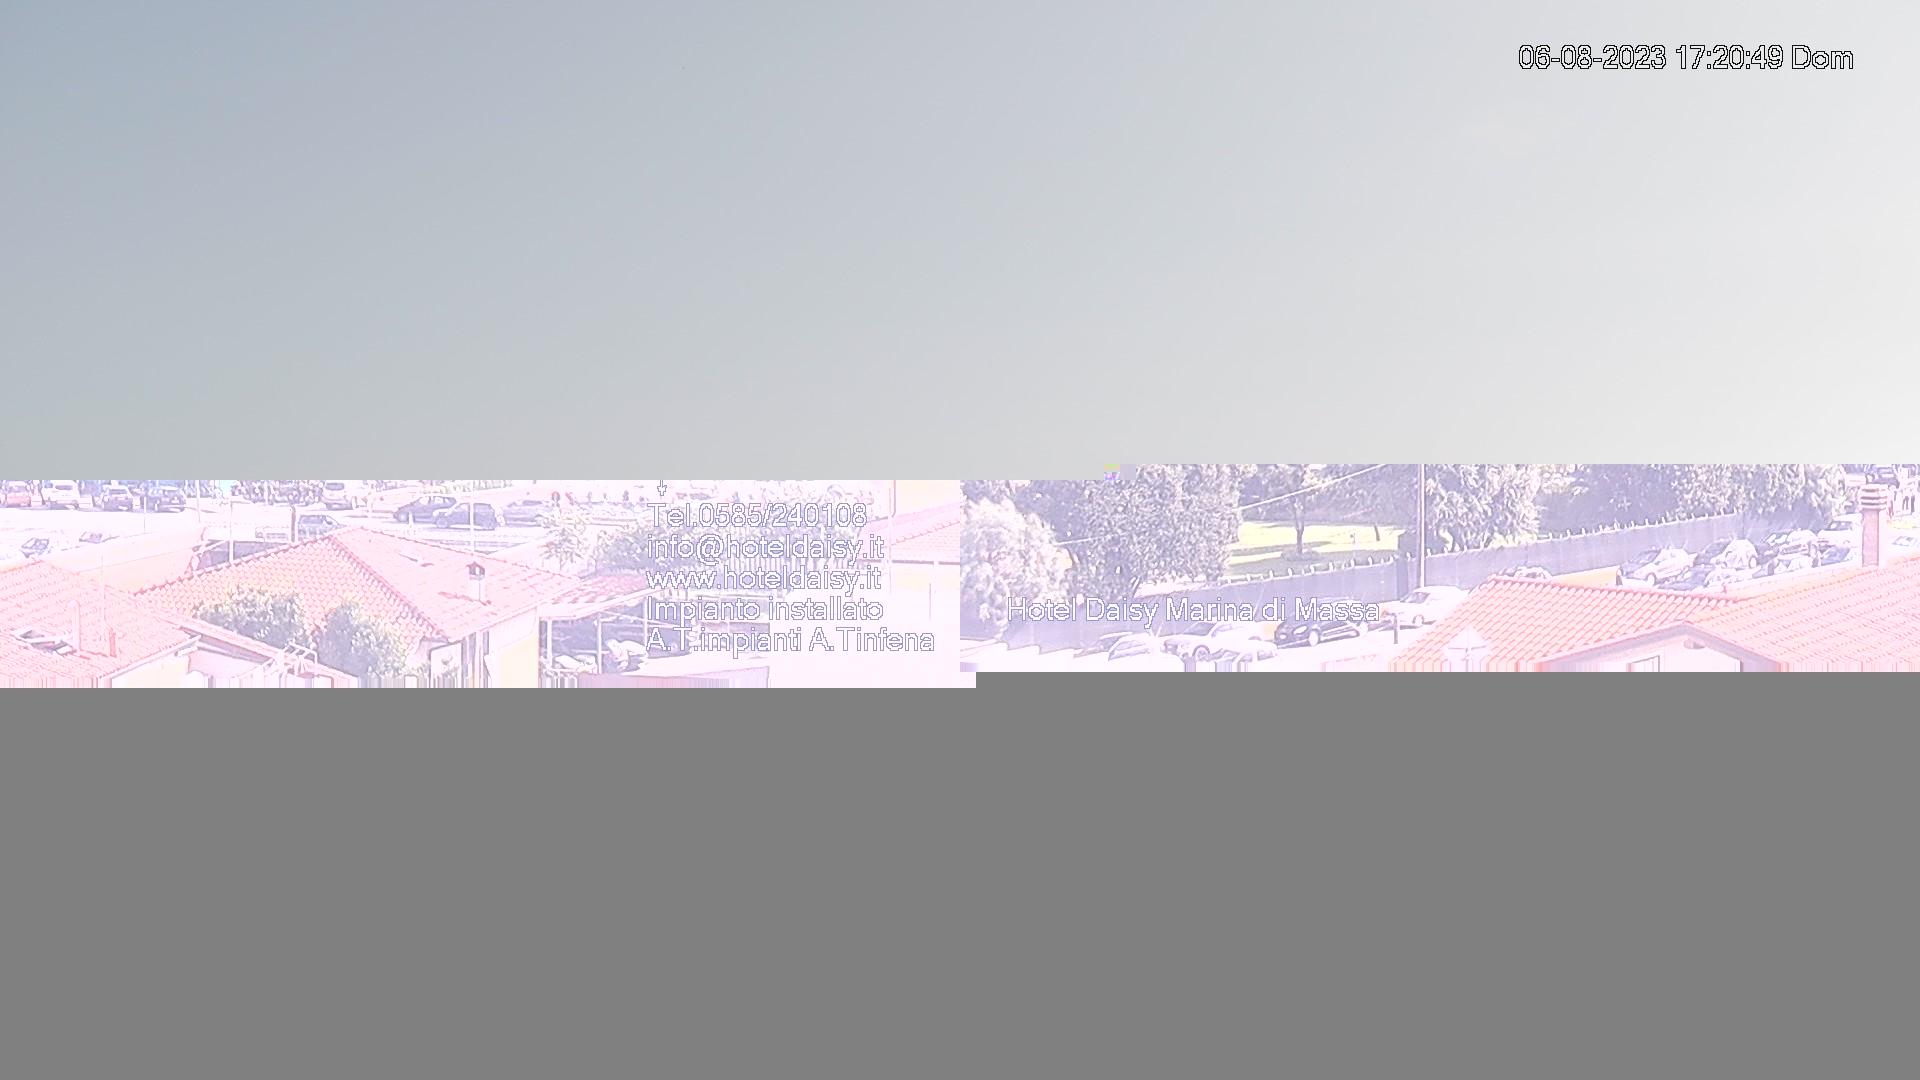 Marina di massa webcam galore - Bagno italia marina di massa ...